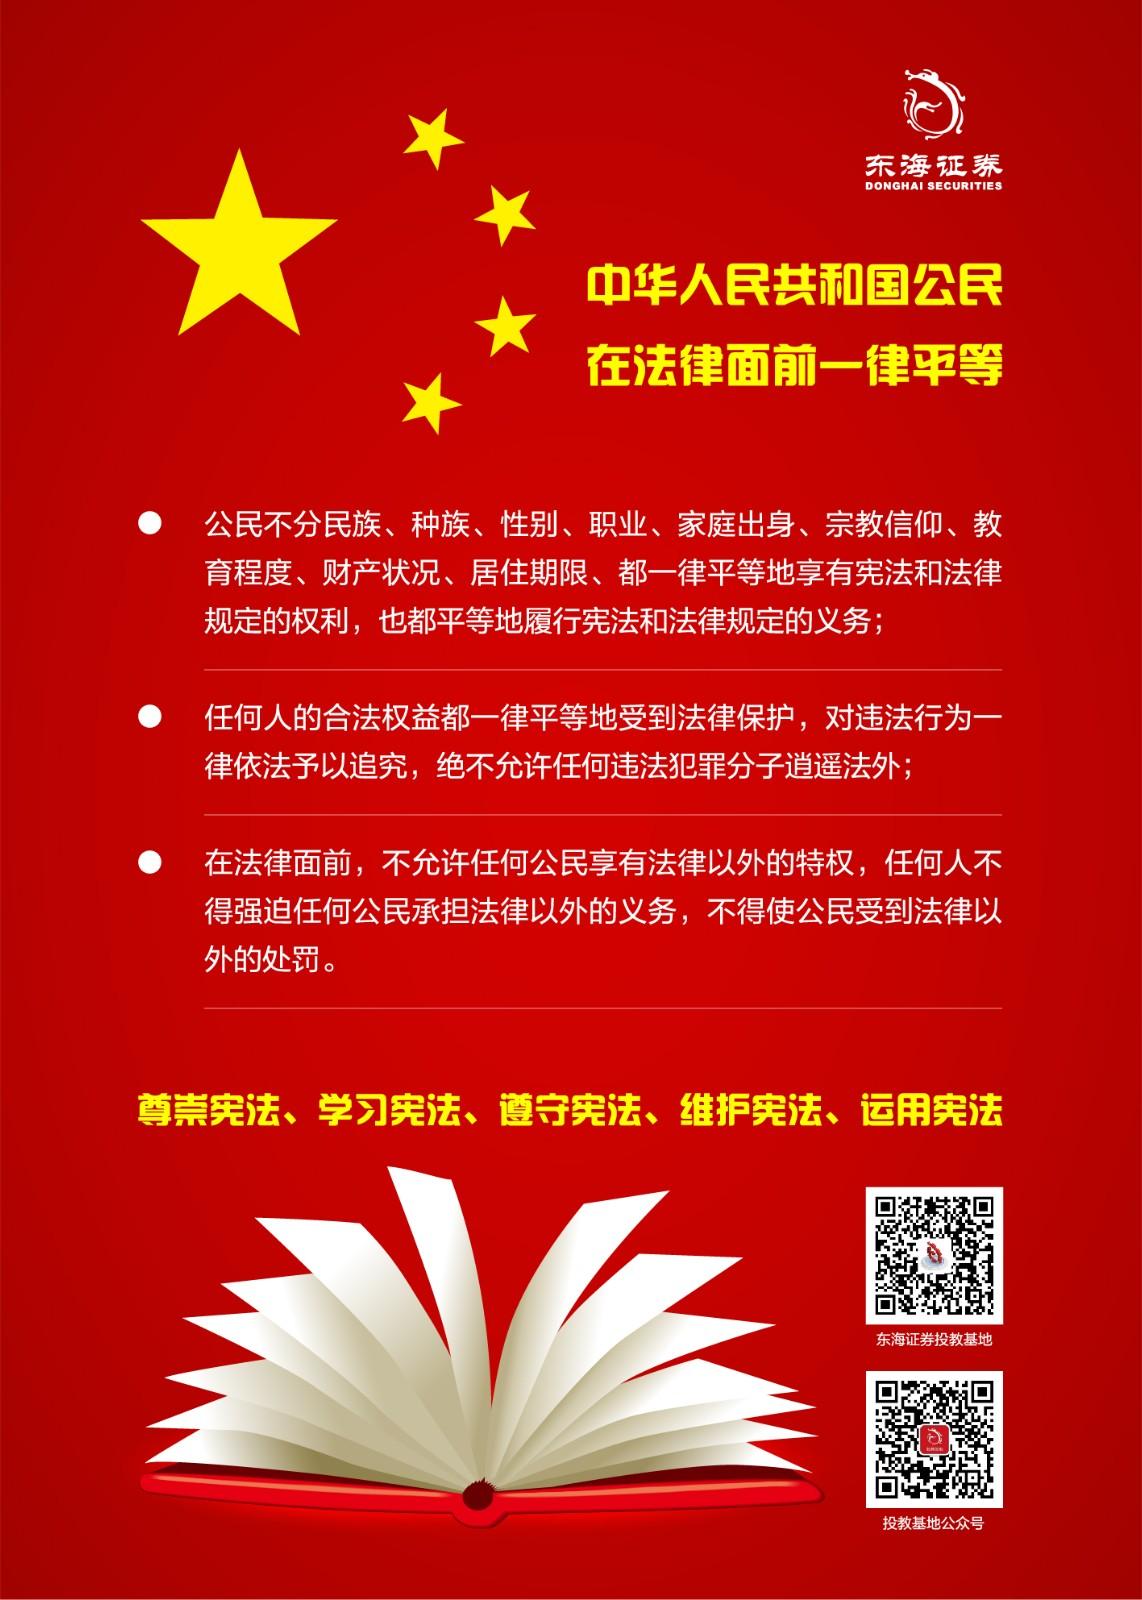 12.4 宪法宣传月海报图片